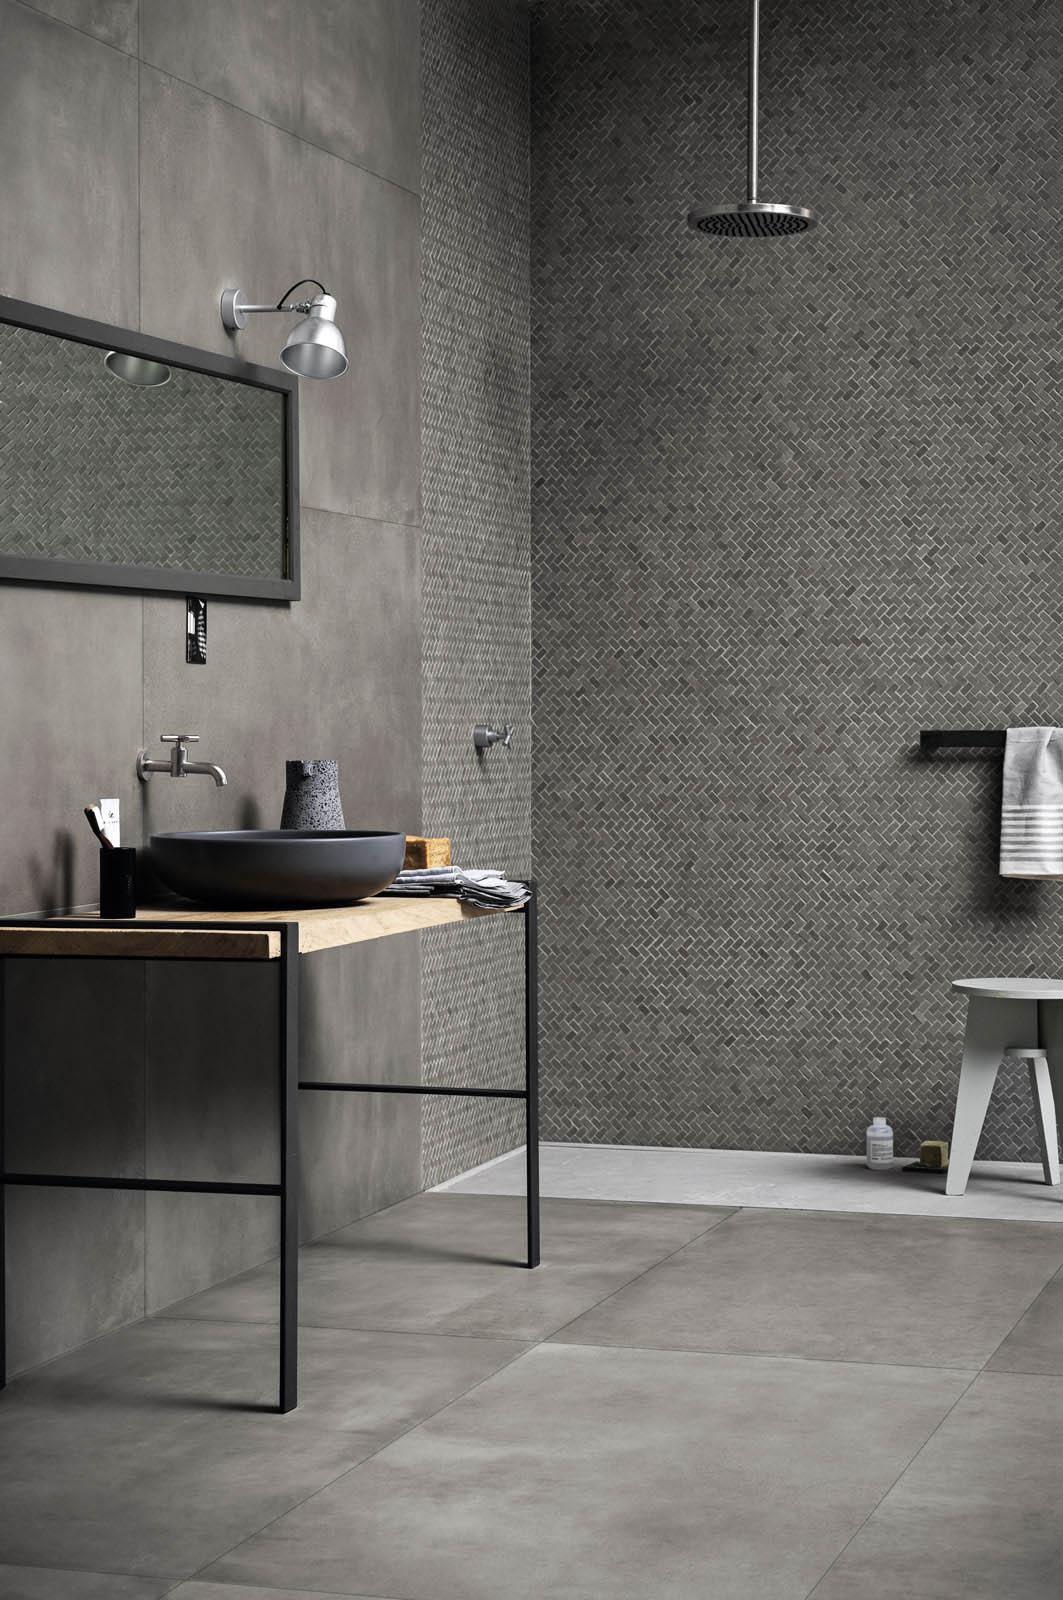 Powder gres effetto cemento marazzi for Marazzi design kitchen gallery